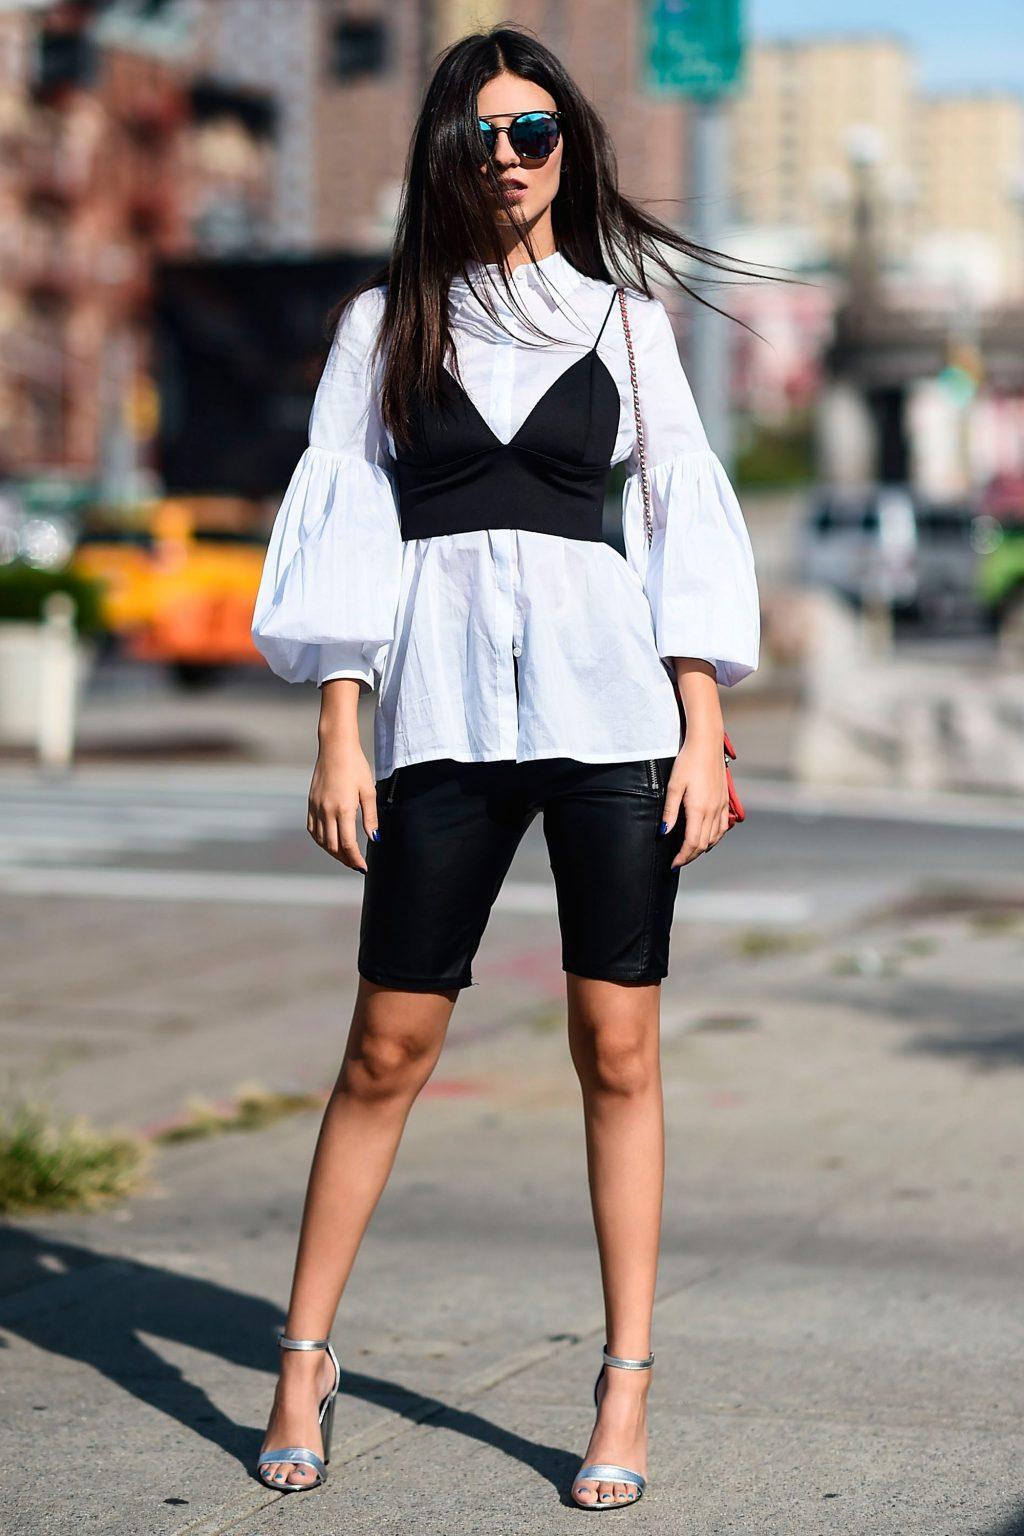 bralette mặc ngoài áo sơ mi và kết hợp cùng quần shorts đạp xe